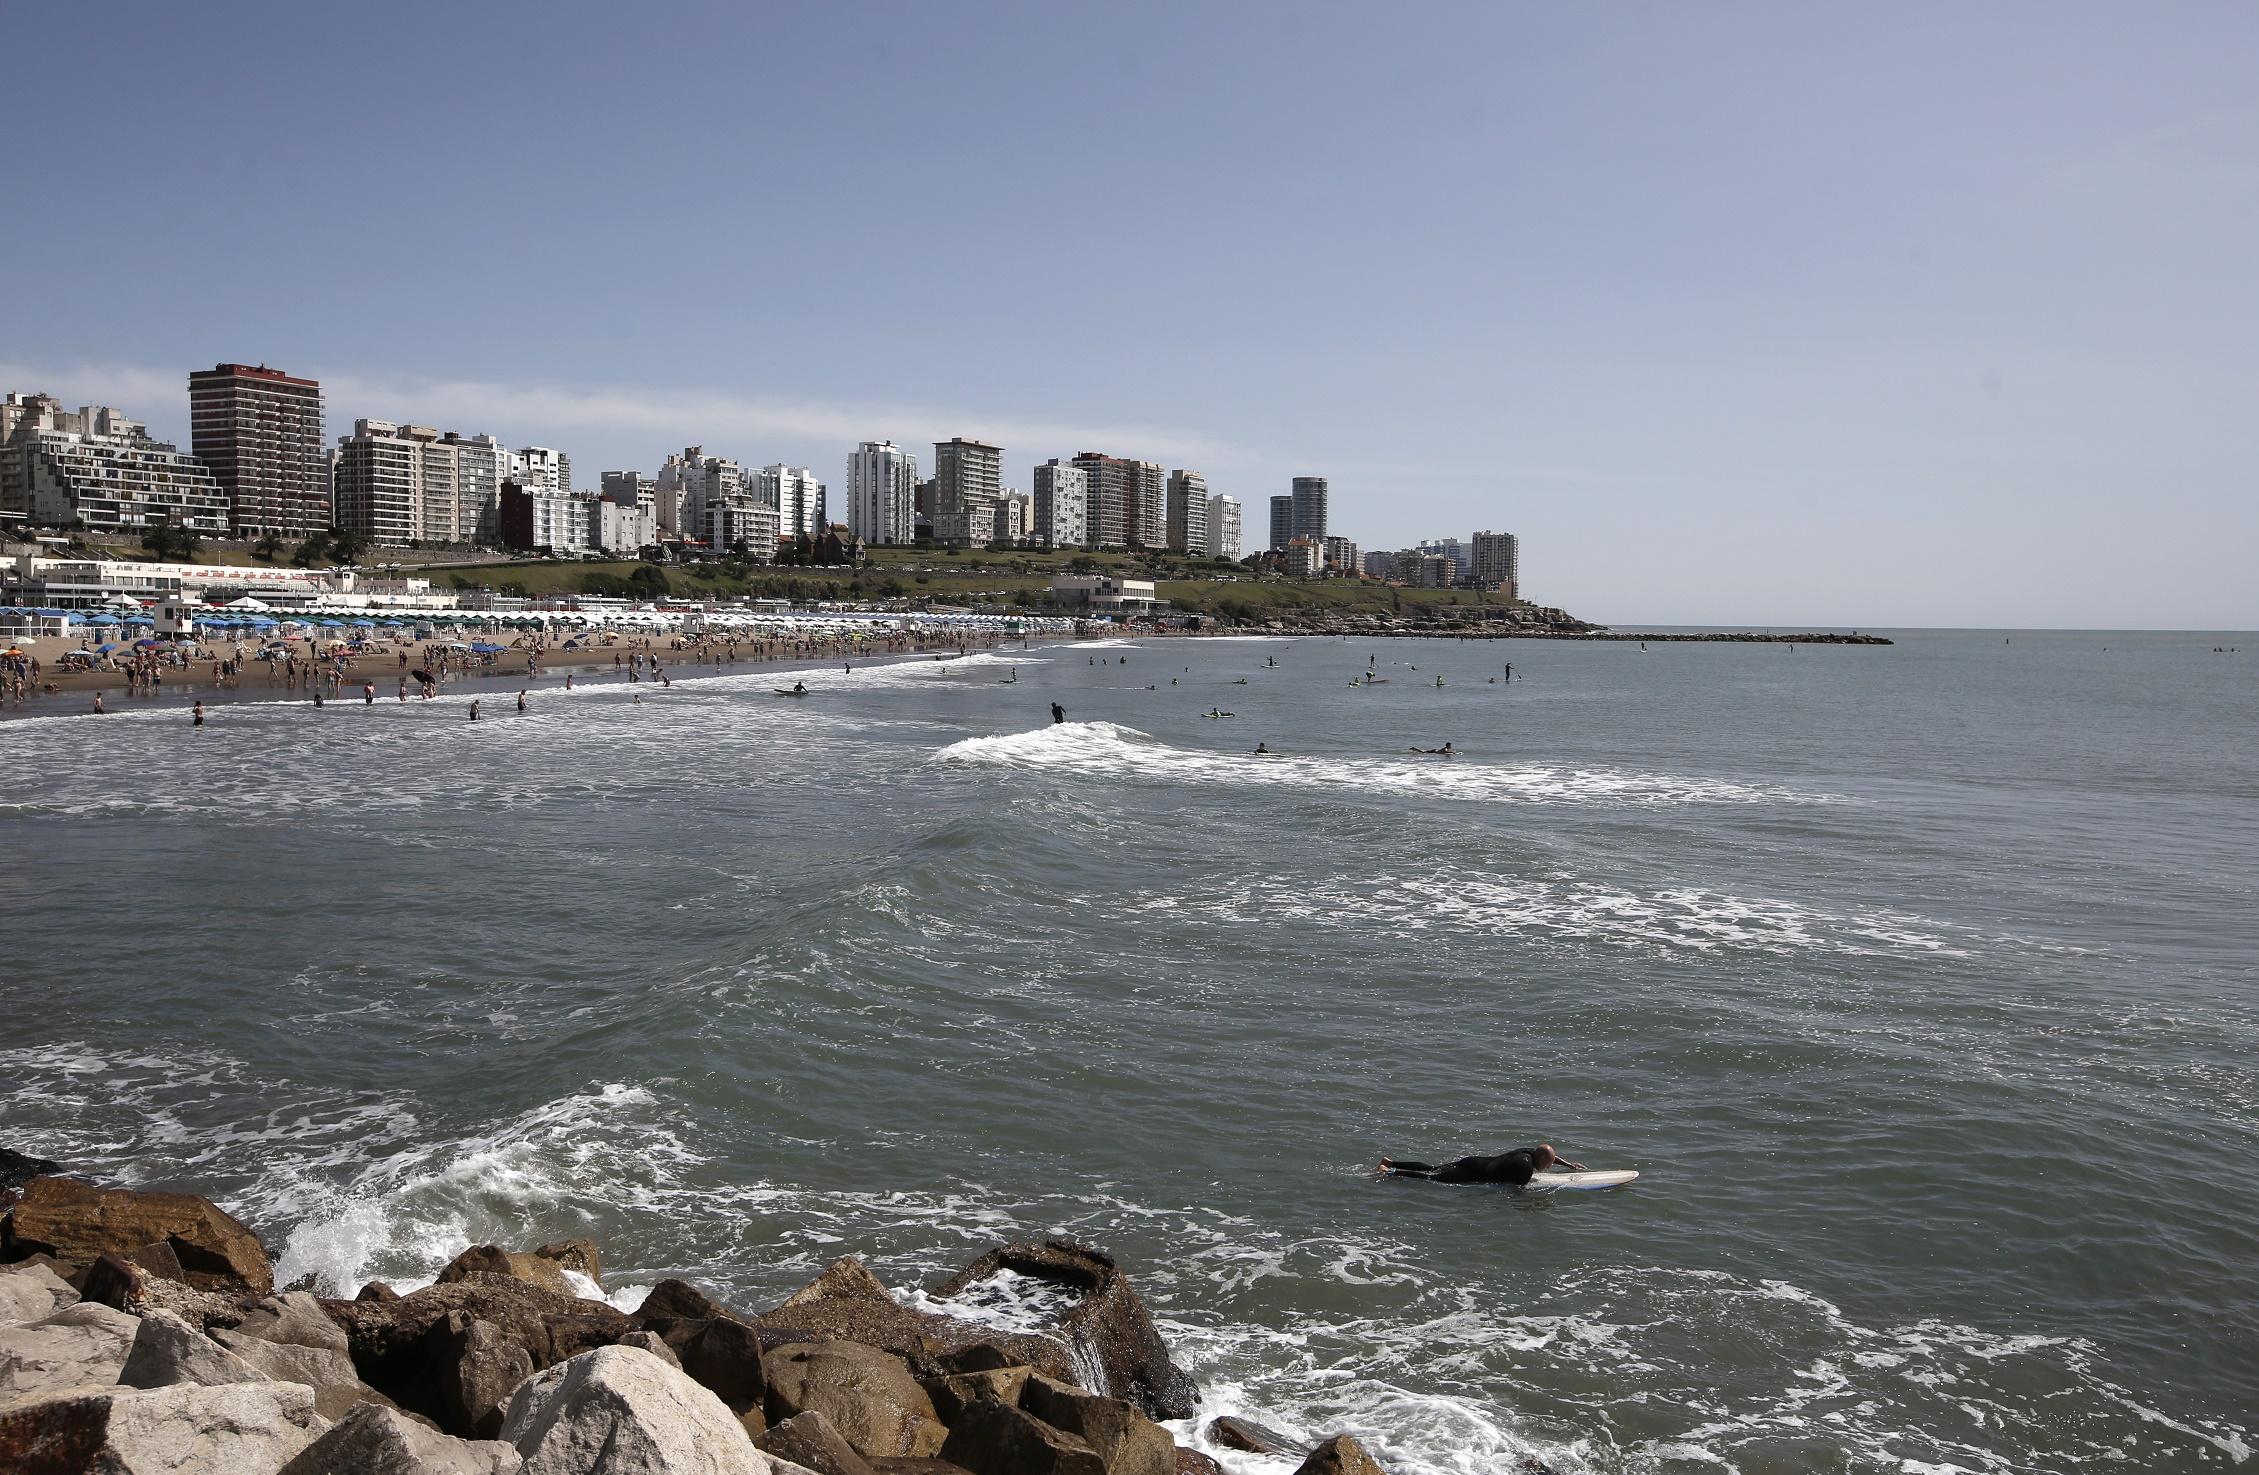 Verano 2020: arribaron 642.128 turistas en la primera quincena a Mar del Plata